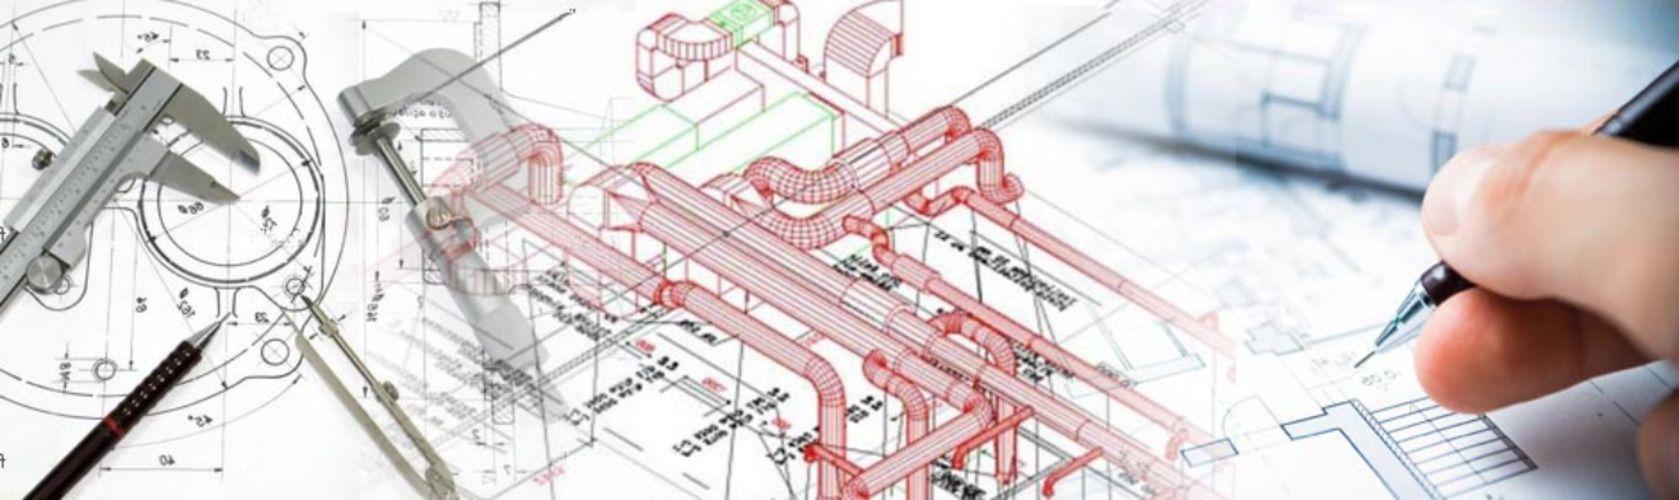 Грамотное проектирование систем вентиляции воздуха